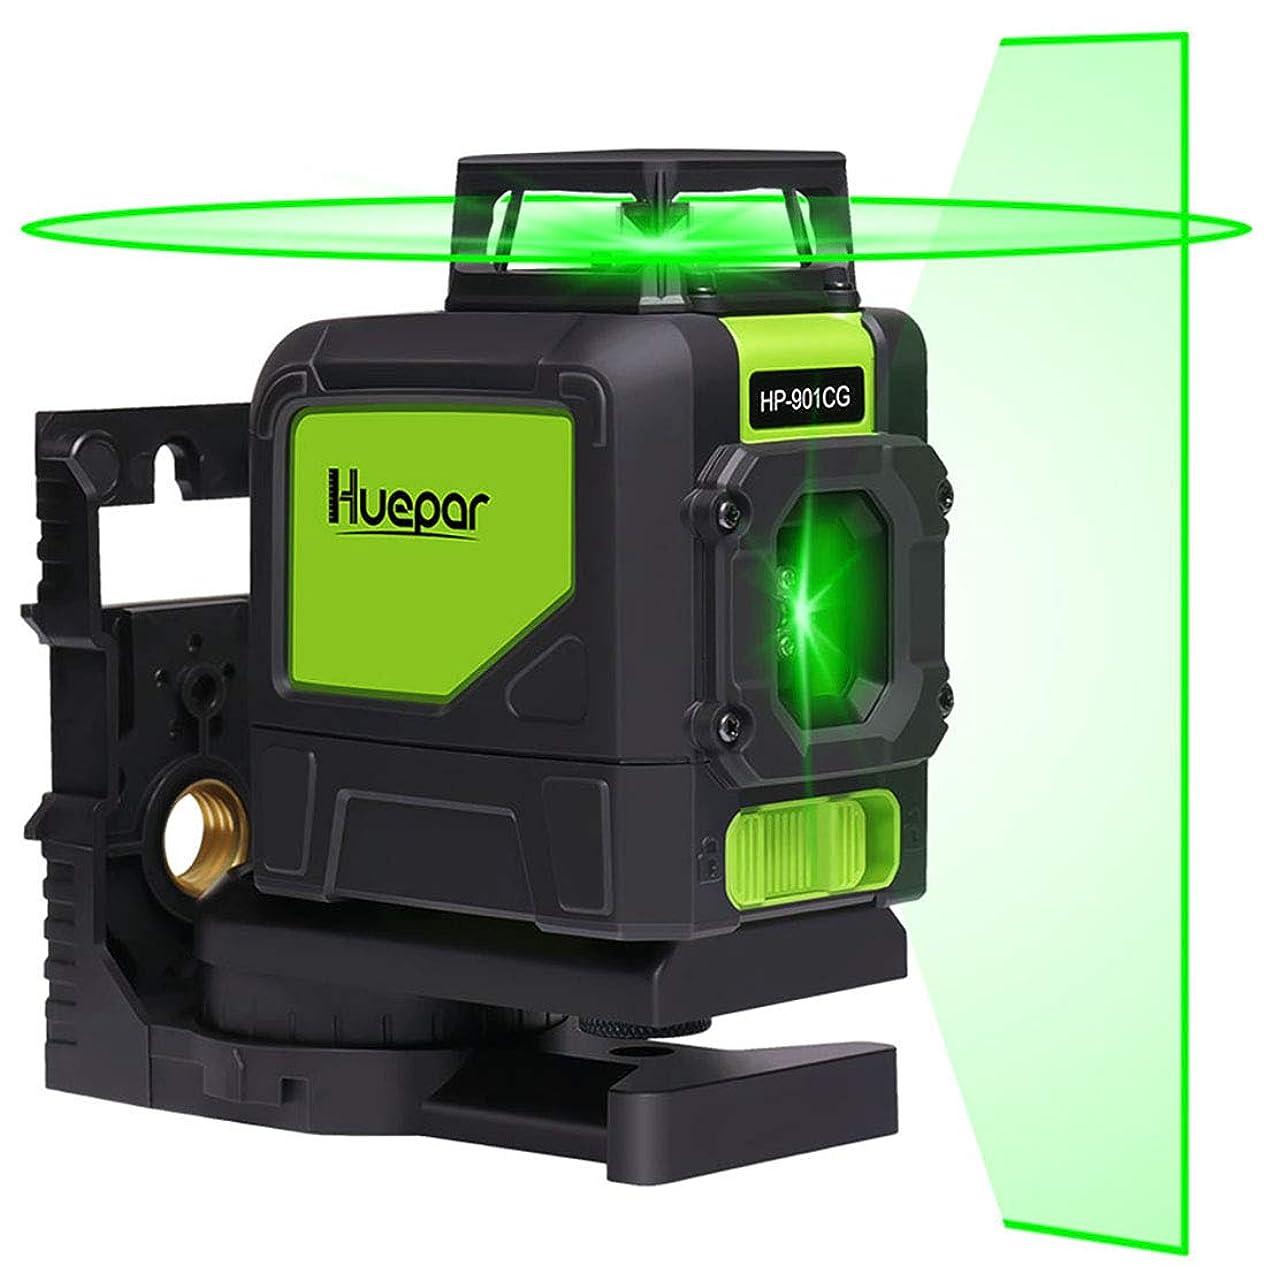 恋人モーテルメディアHuepar 5ライン グリーン レーザー墨出し器 緑色 レーザー クロスラインレーザー 自動補正機能 高輝度 高精度 ミニ型 ライン出射角水平 ライン360°縦ライン130° 4方向大矩照射